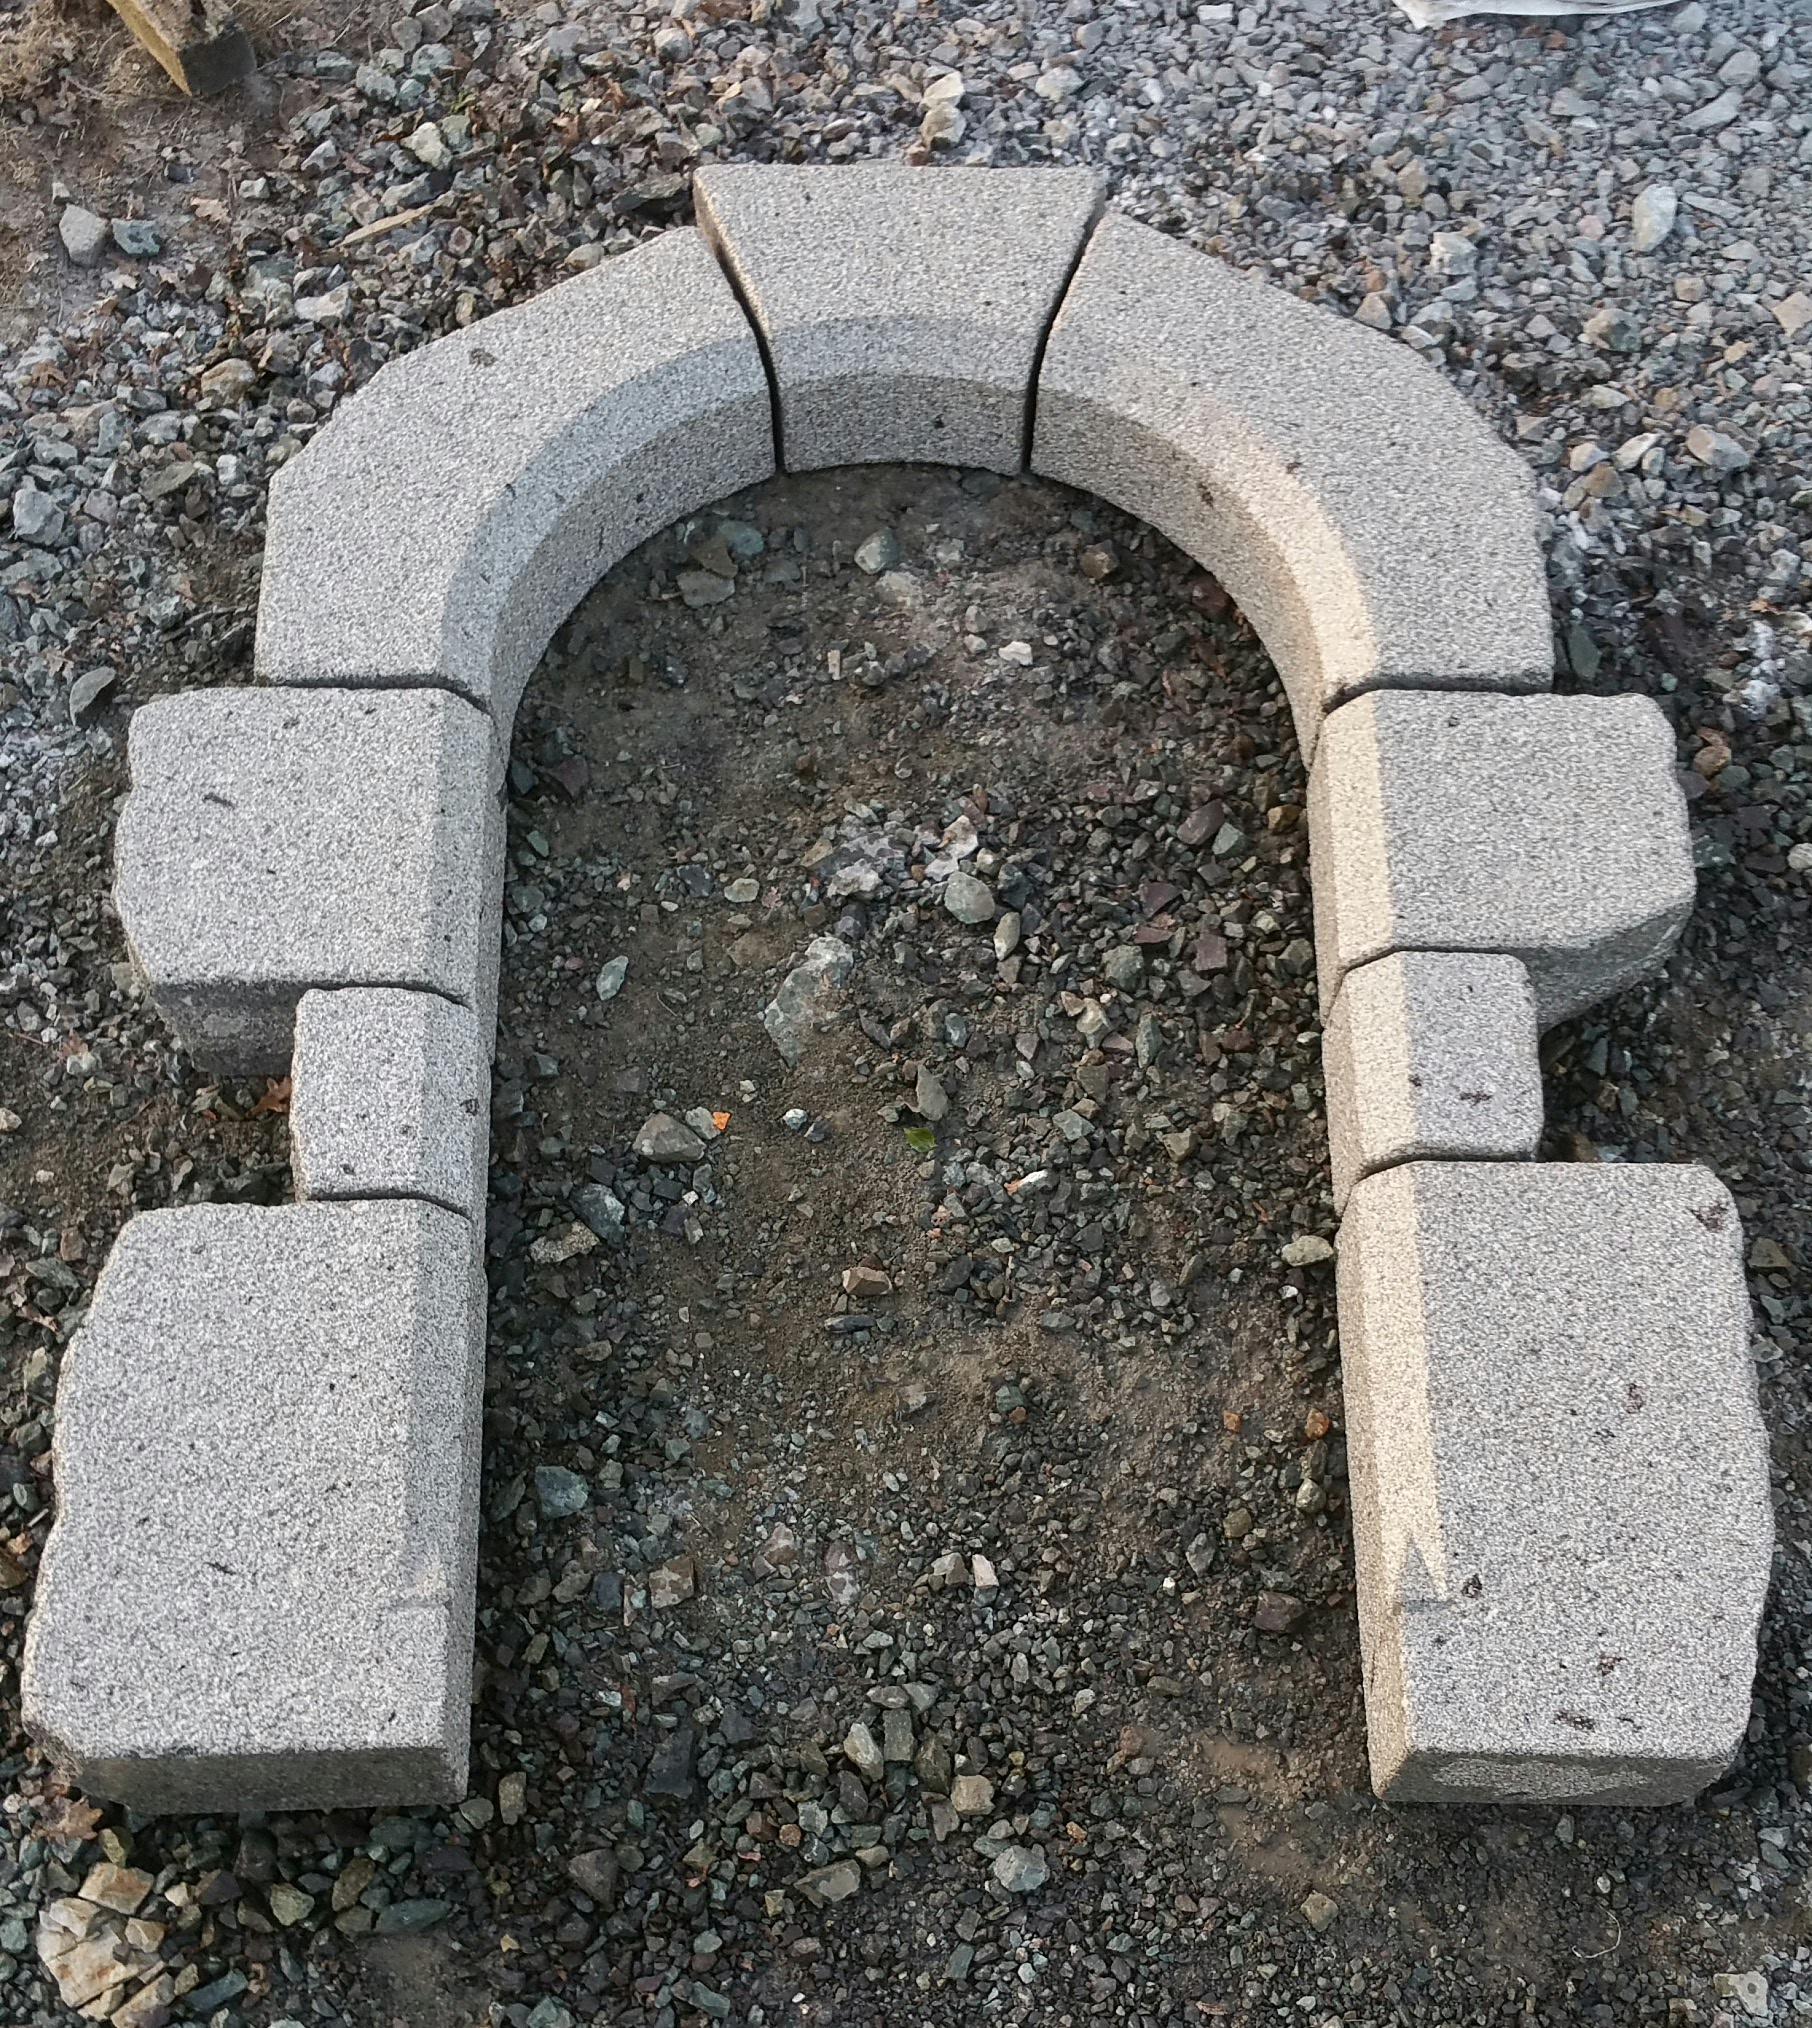 encadrement granit gris plein cintre